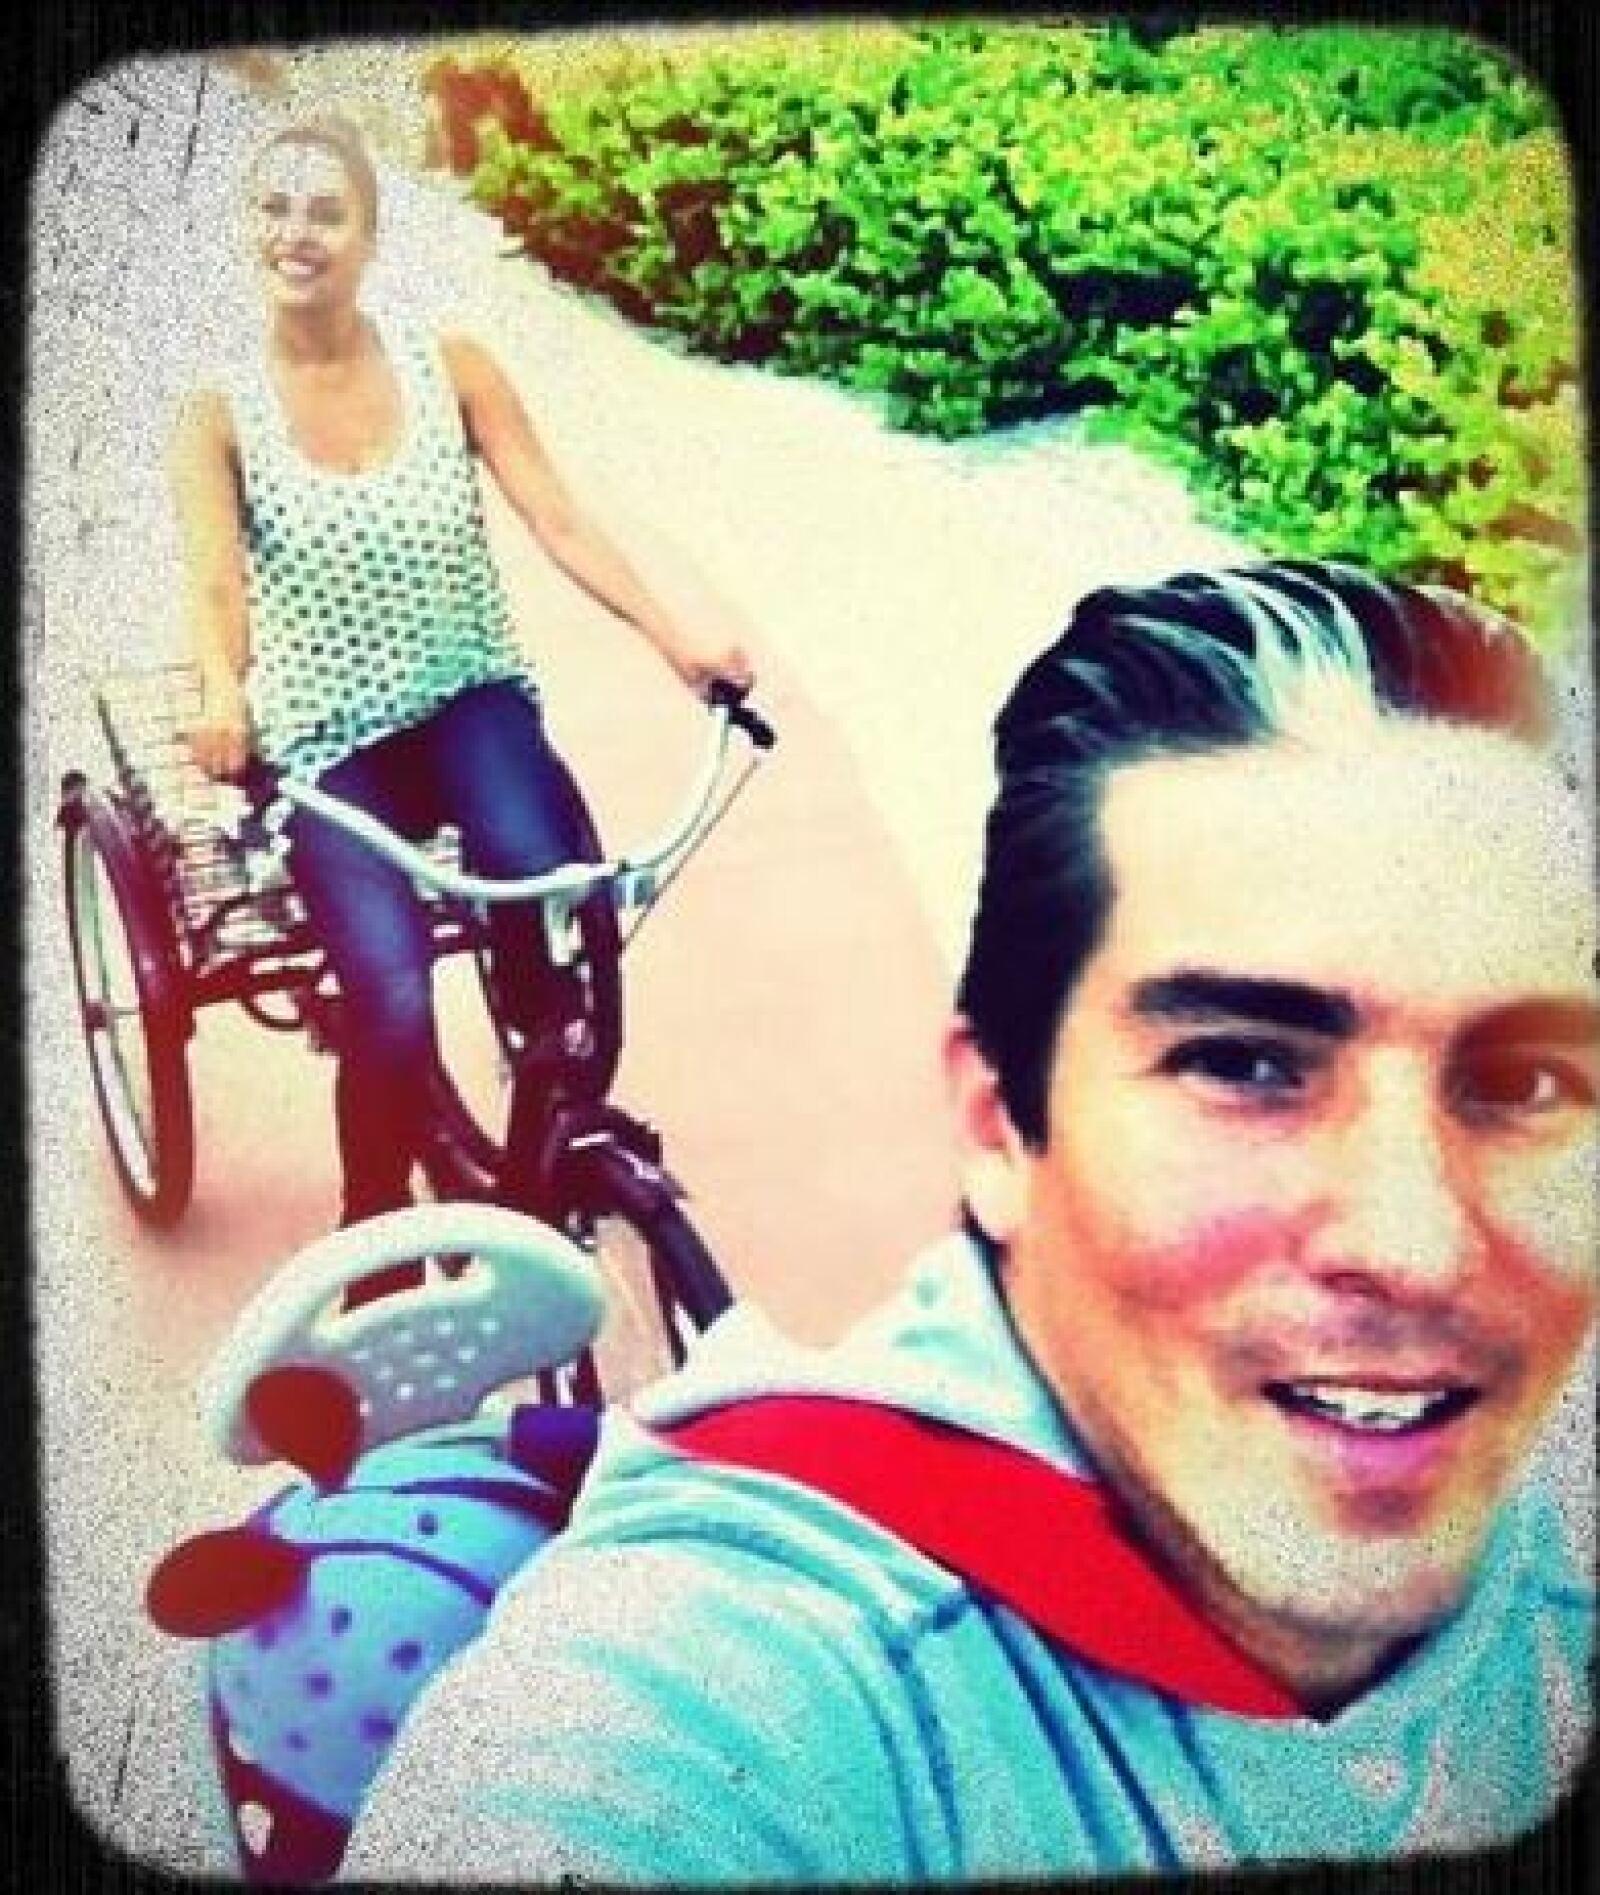 La familia da un paseo en triciclo.